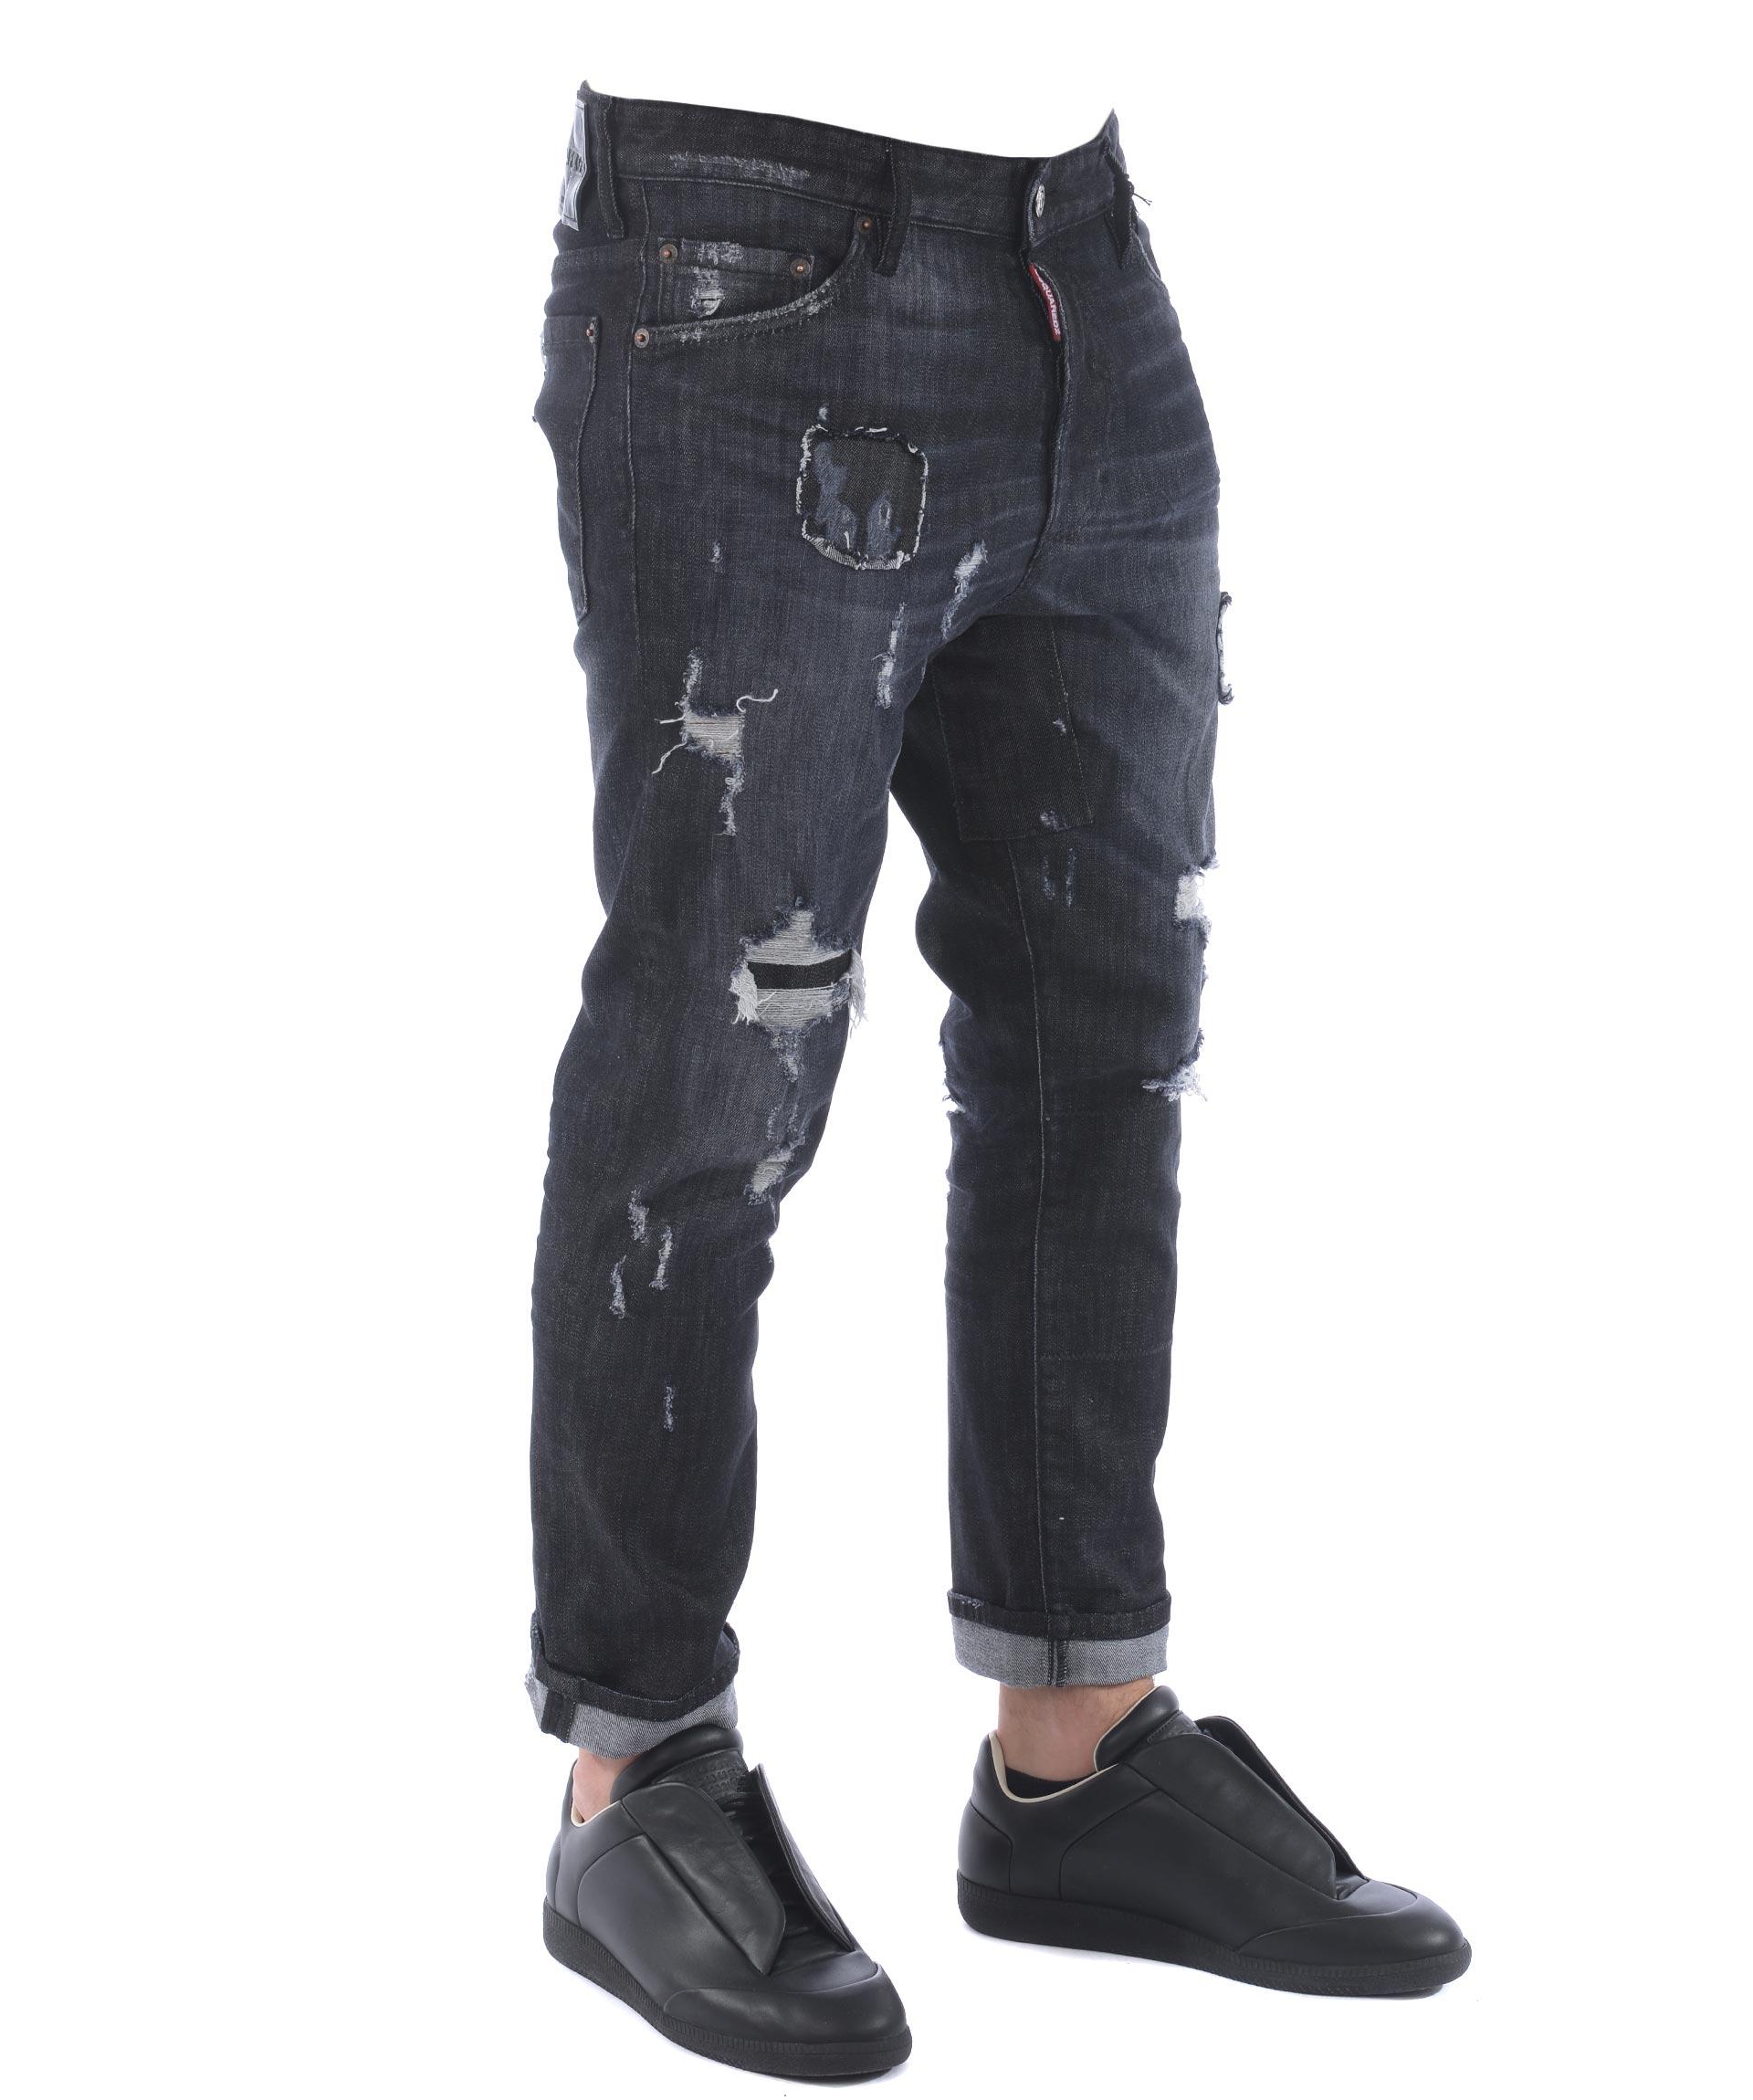 low priced f6e40 5d1e4 Jeans Uomo dsquared in offerta 40%